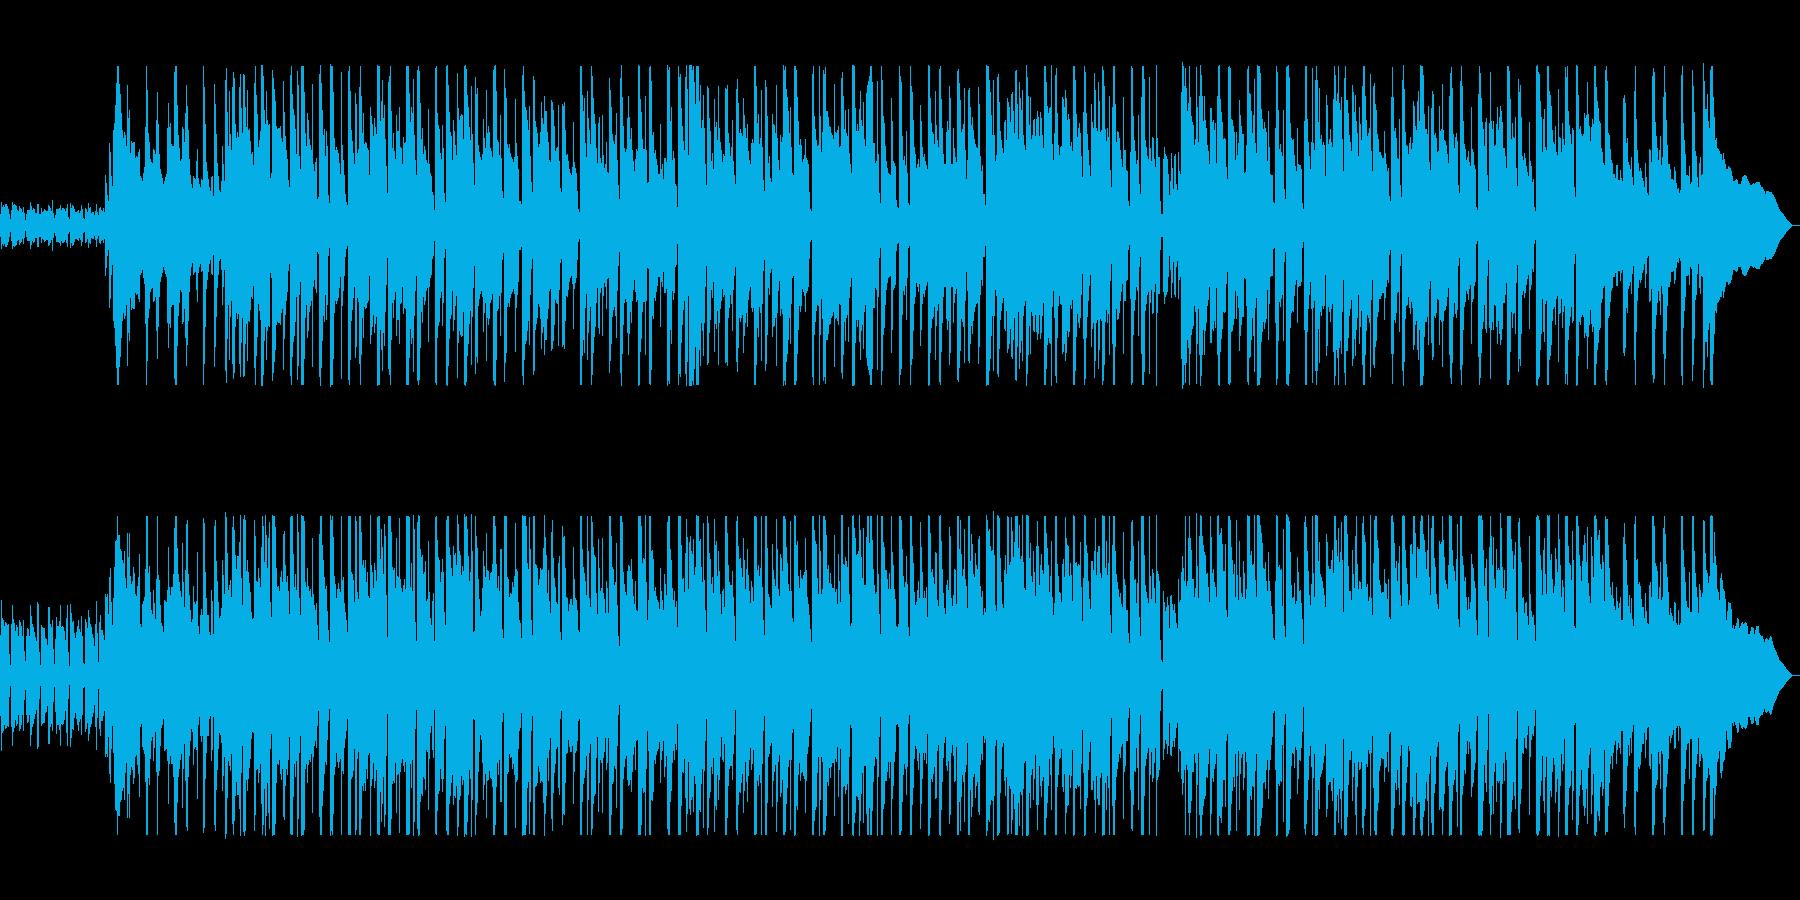 爽やかで軽やかなアコギサウンドの再生済みの波形